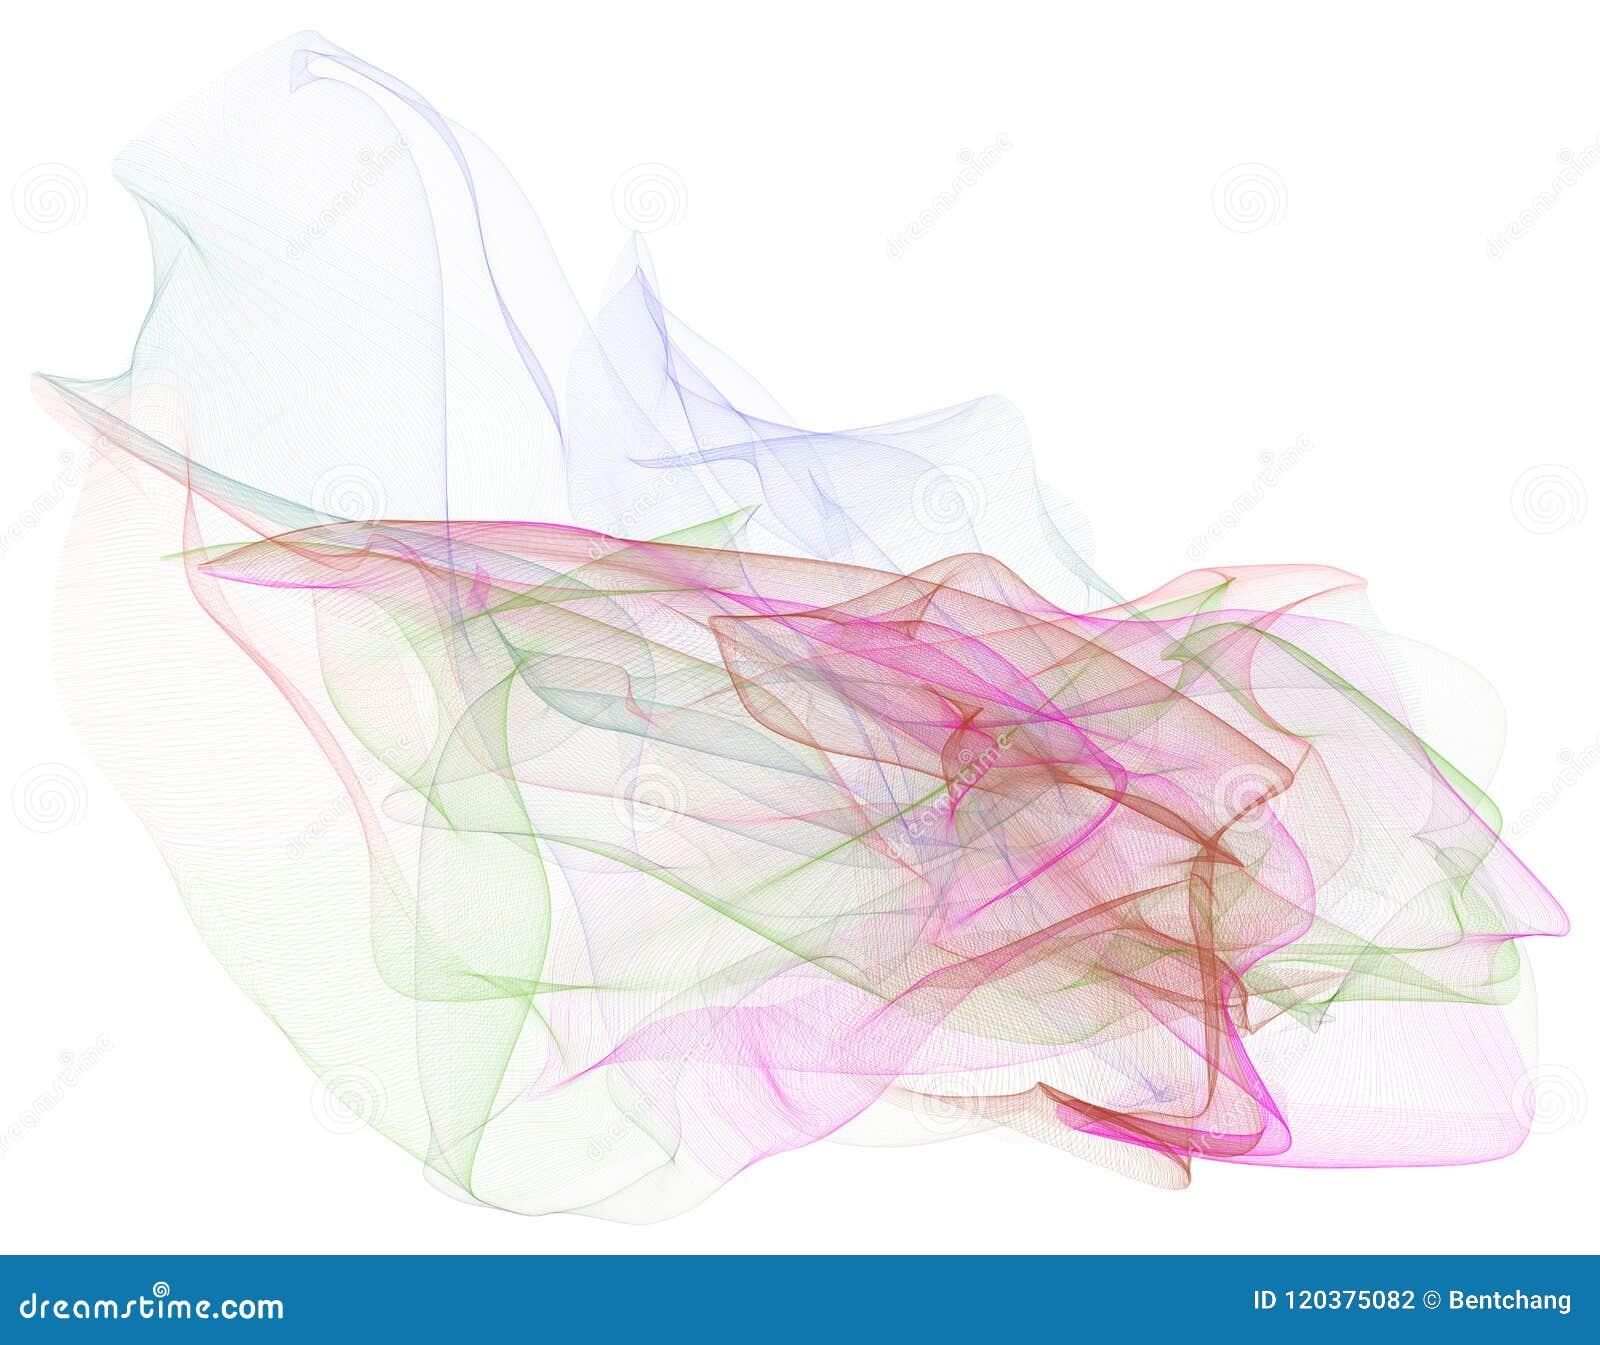 Abstrakte Illustrationen der rauchigen Linie Kunst, begrifflich Muster, kreativ, Design u. Grafik